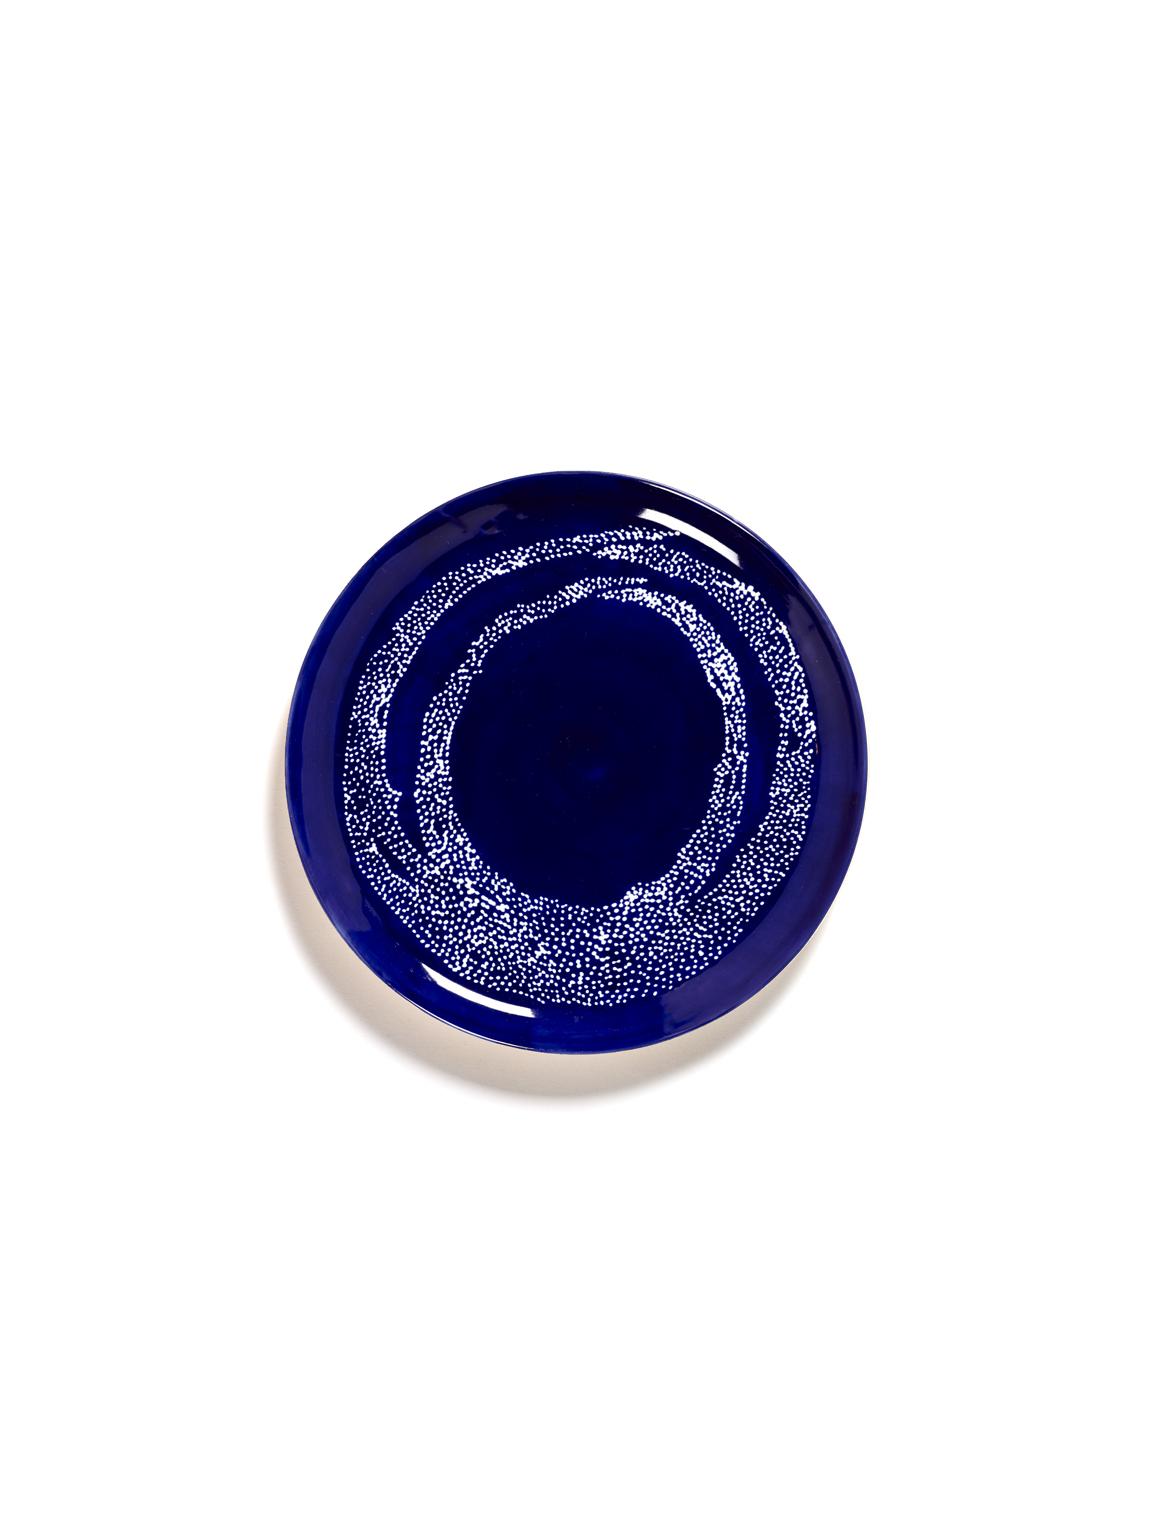 assiette feast L lapis lazuli swirl pois blancs 26,5x26,5x2 B8921006I